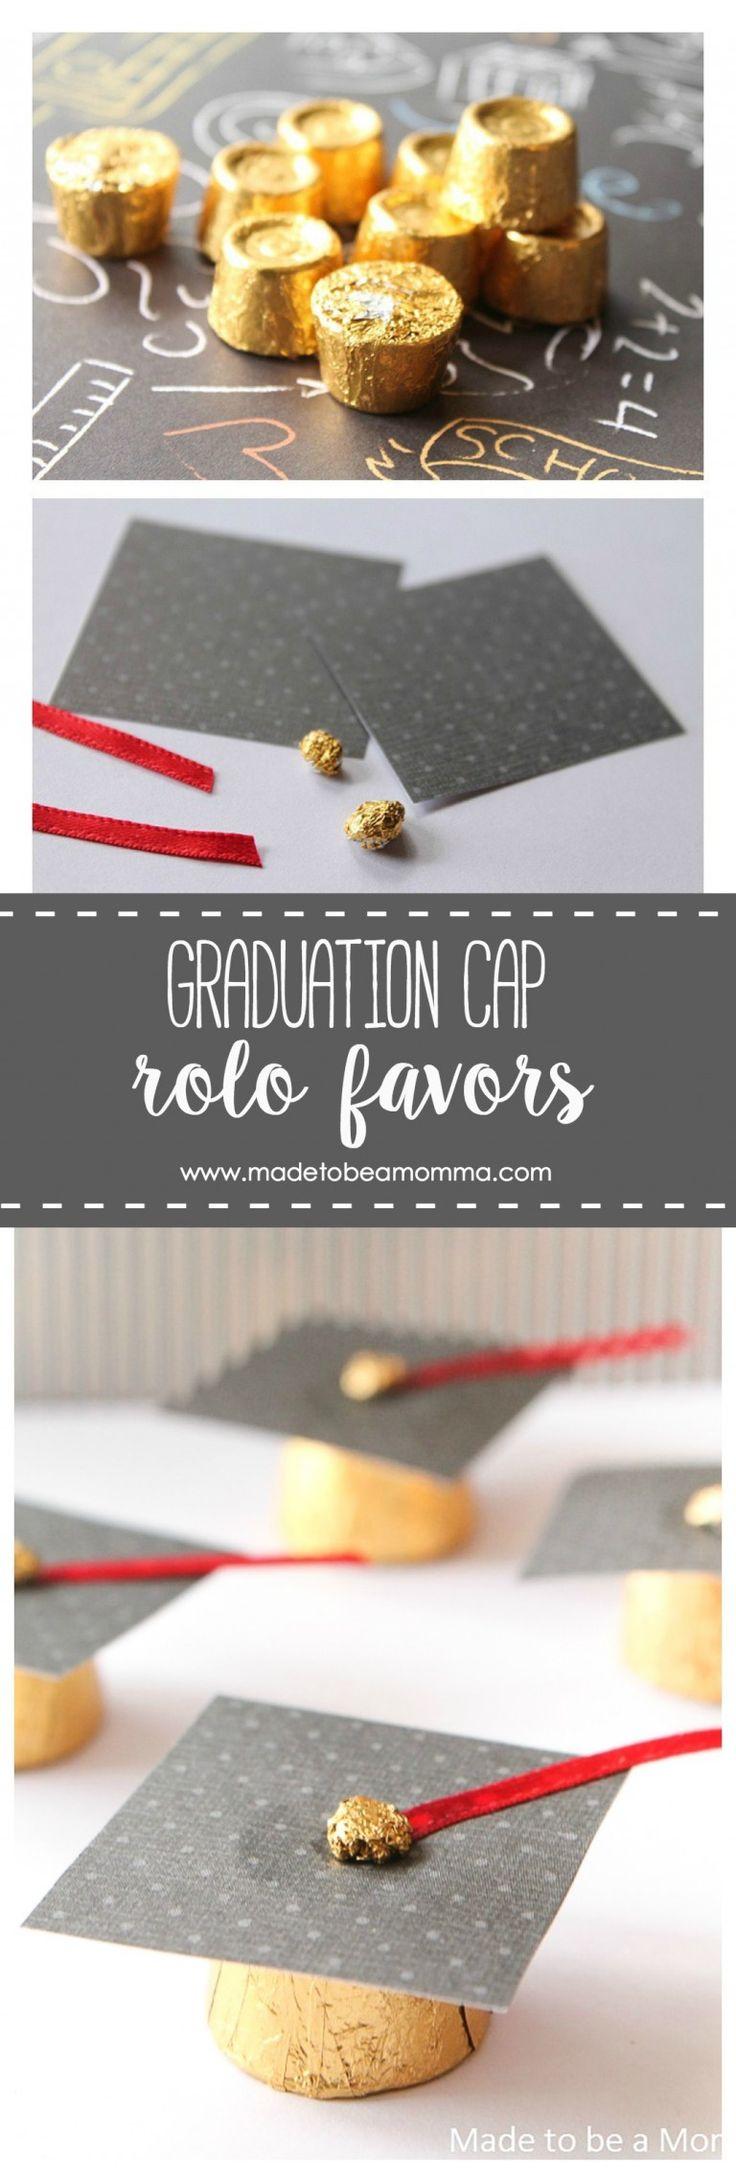 Graduation Cap Rolo Favors a simple favor